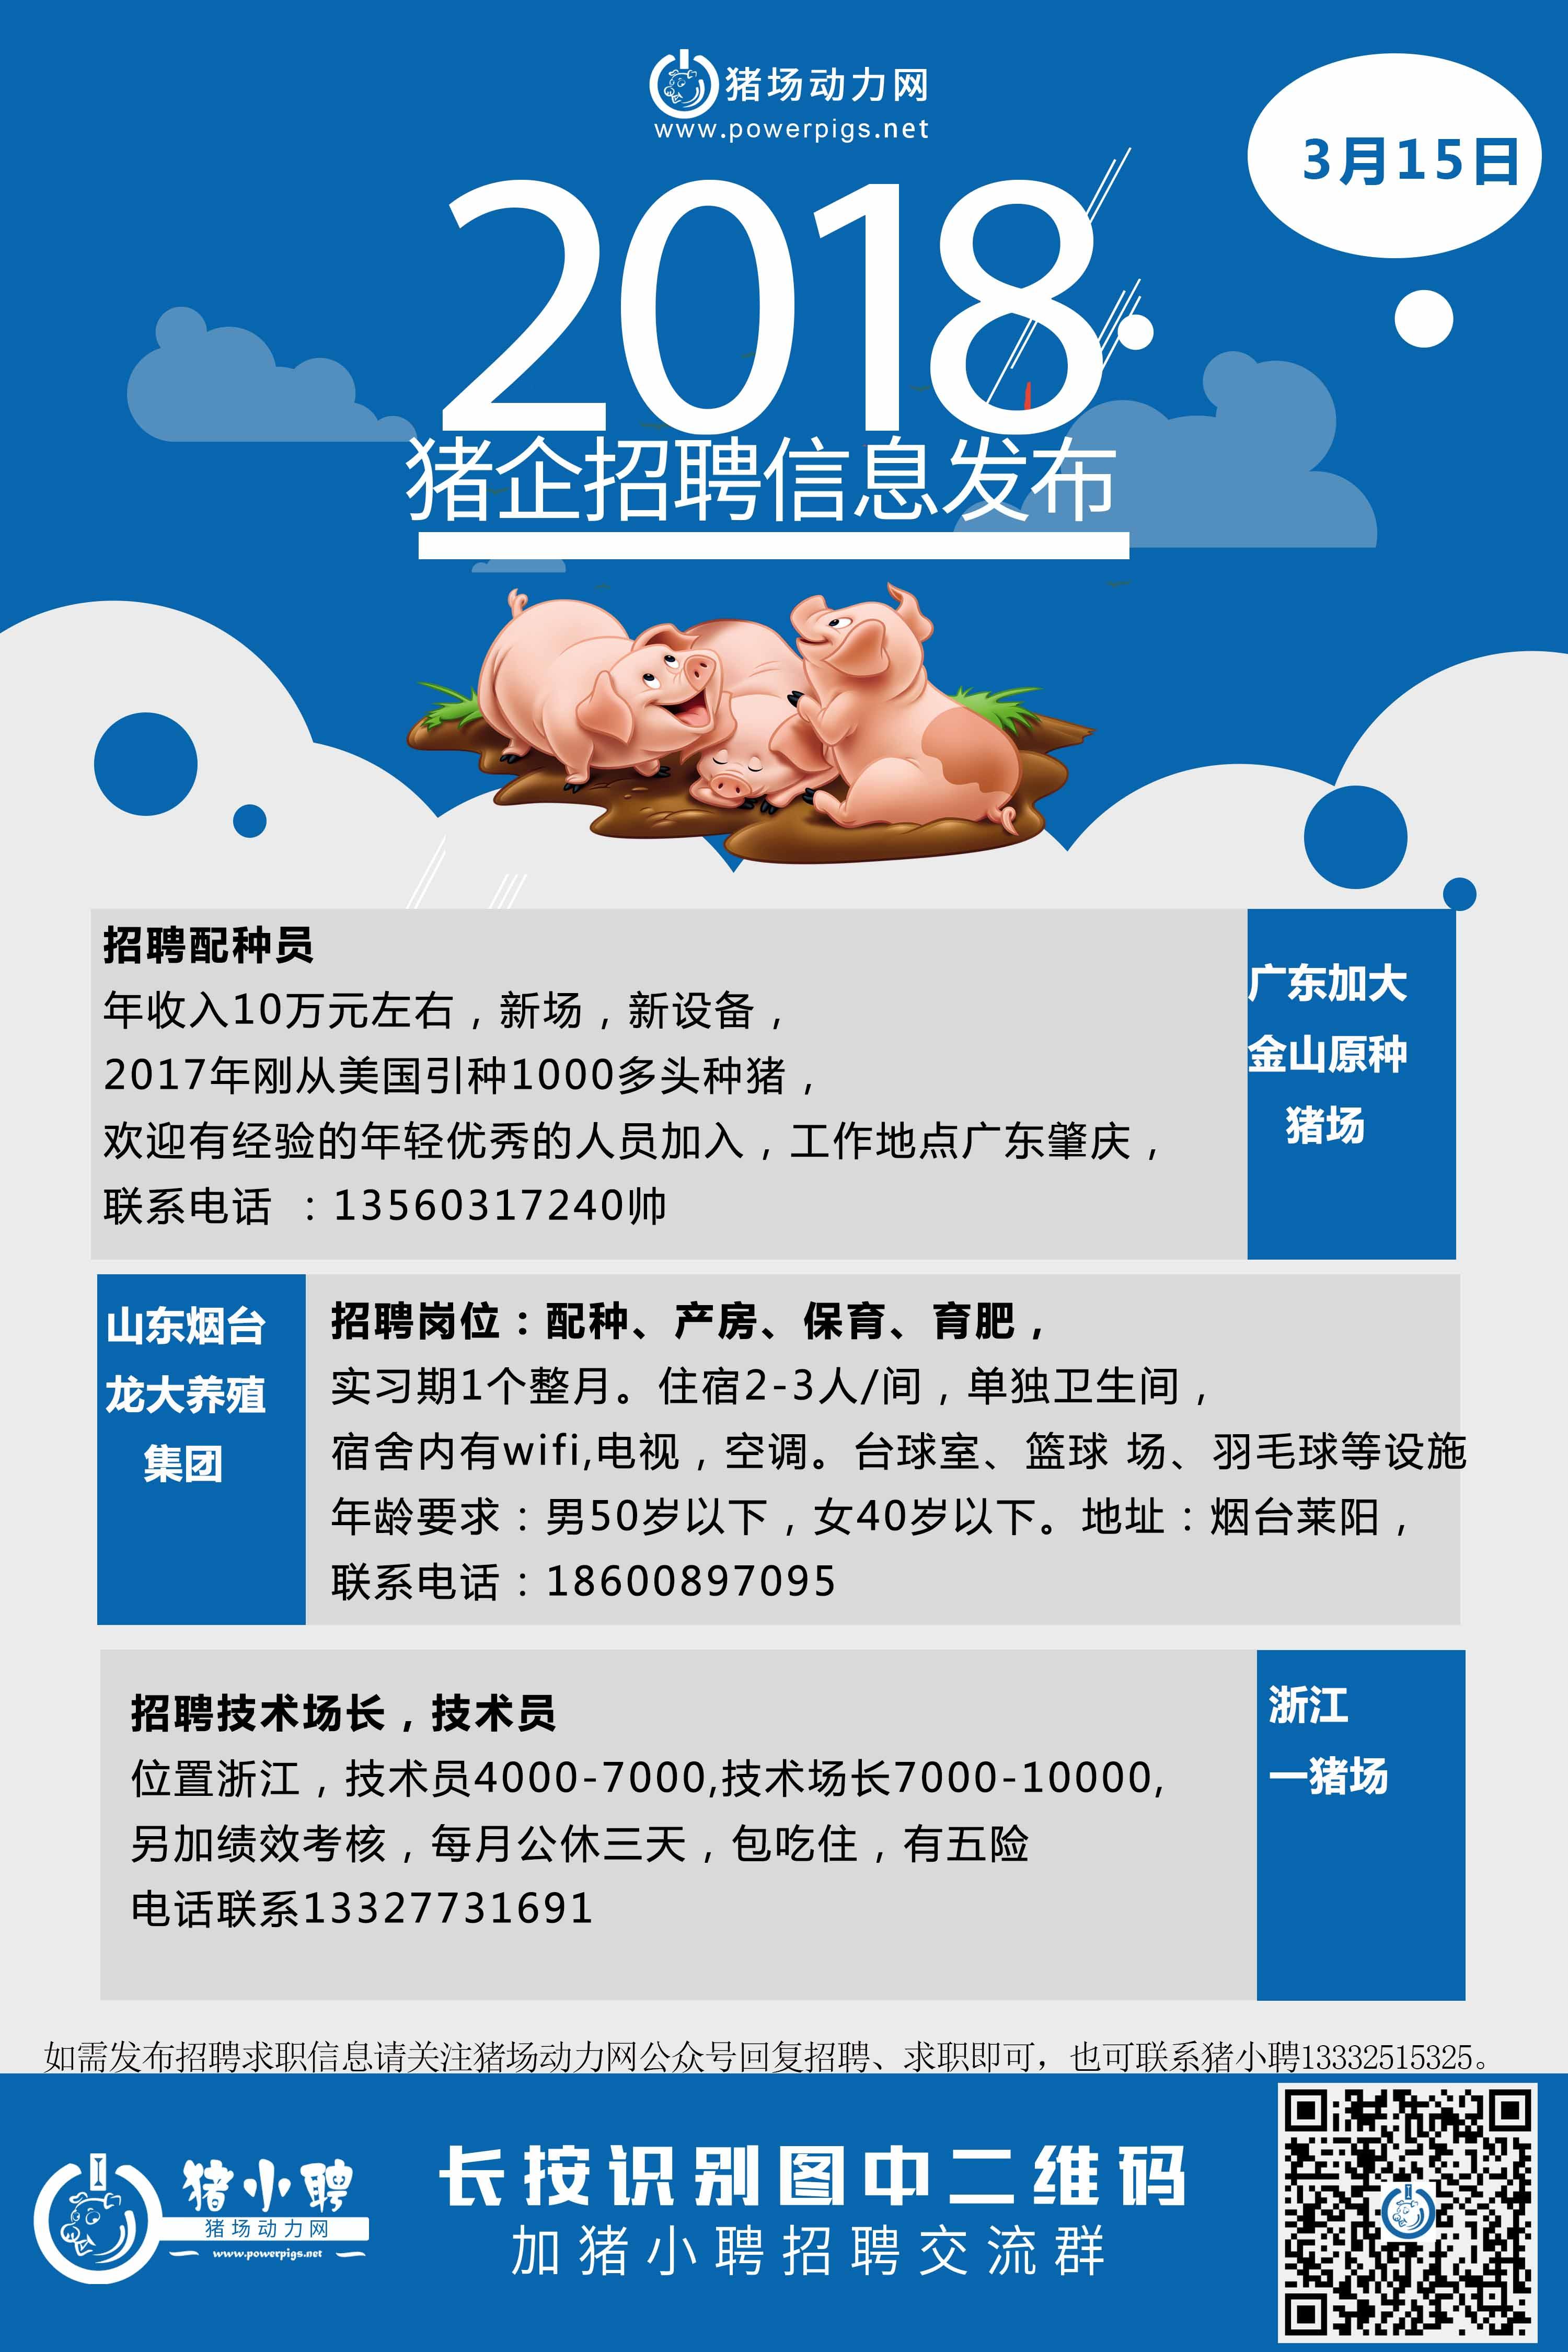 3.15日猪场招聘.jpg